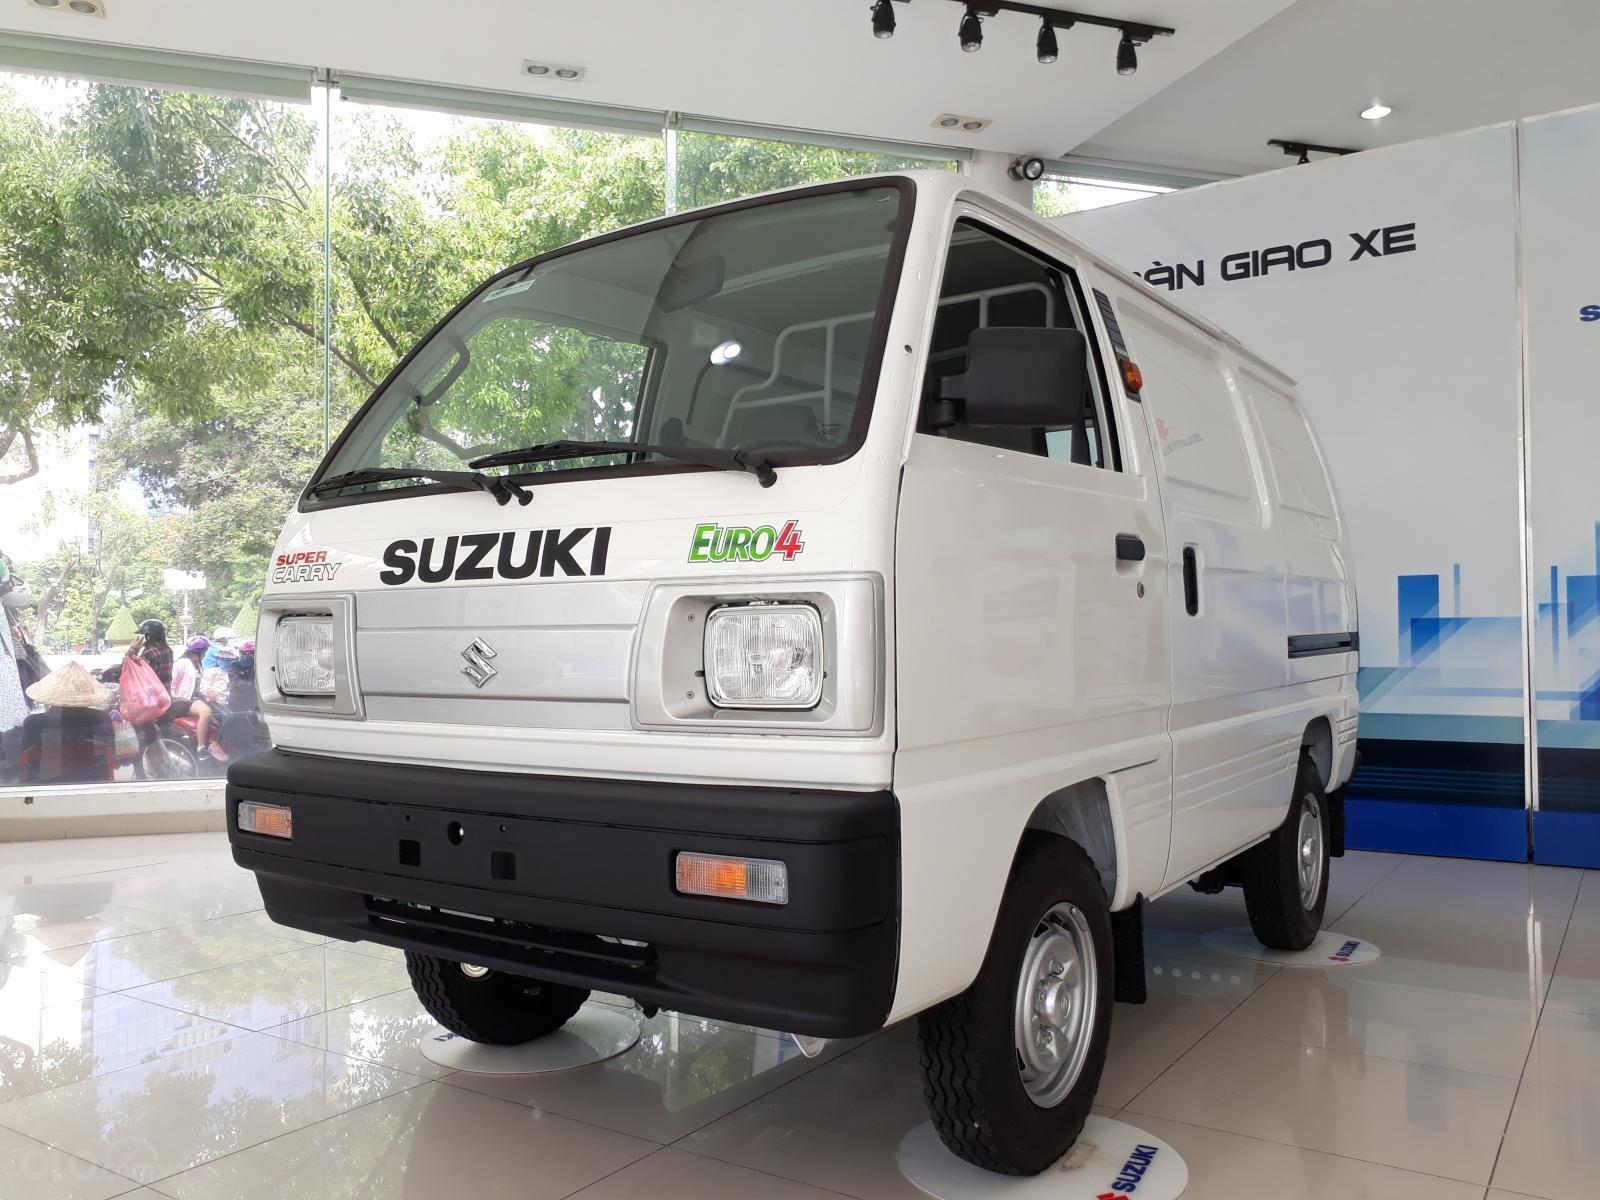 Xe tải Suzuki Blind Van 2020 chạy giờ cao điểm, giá ưu đãi 50% thuế trước bạ (1)